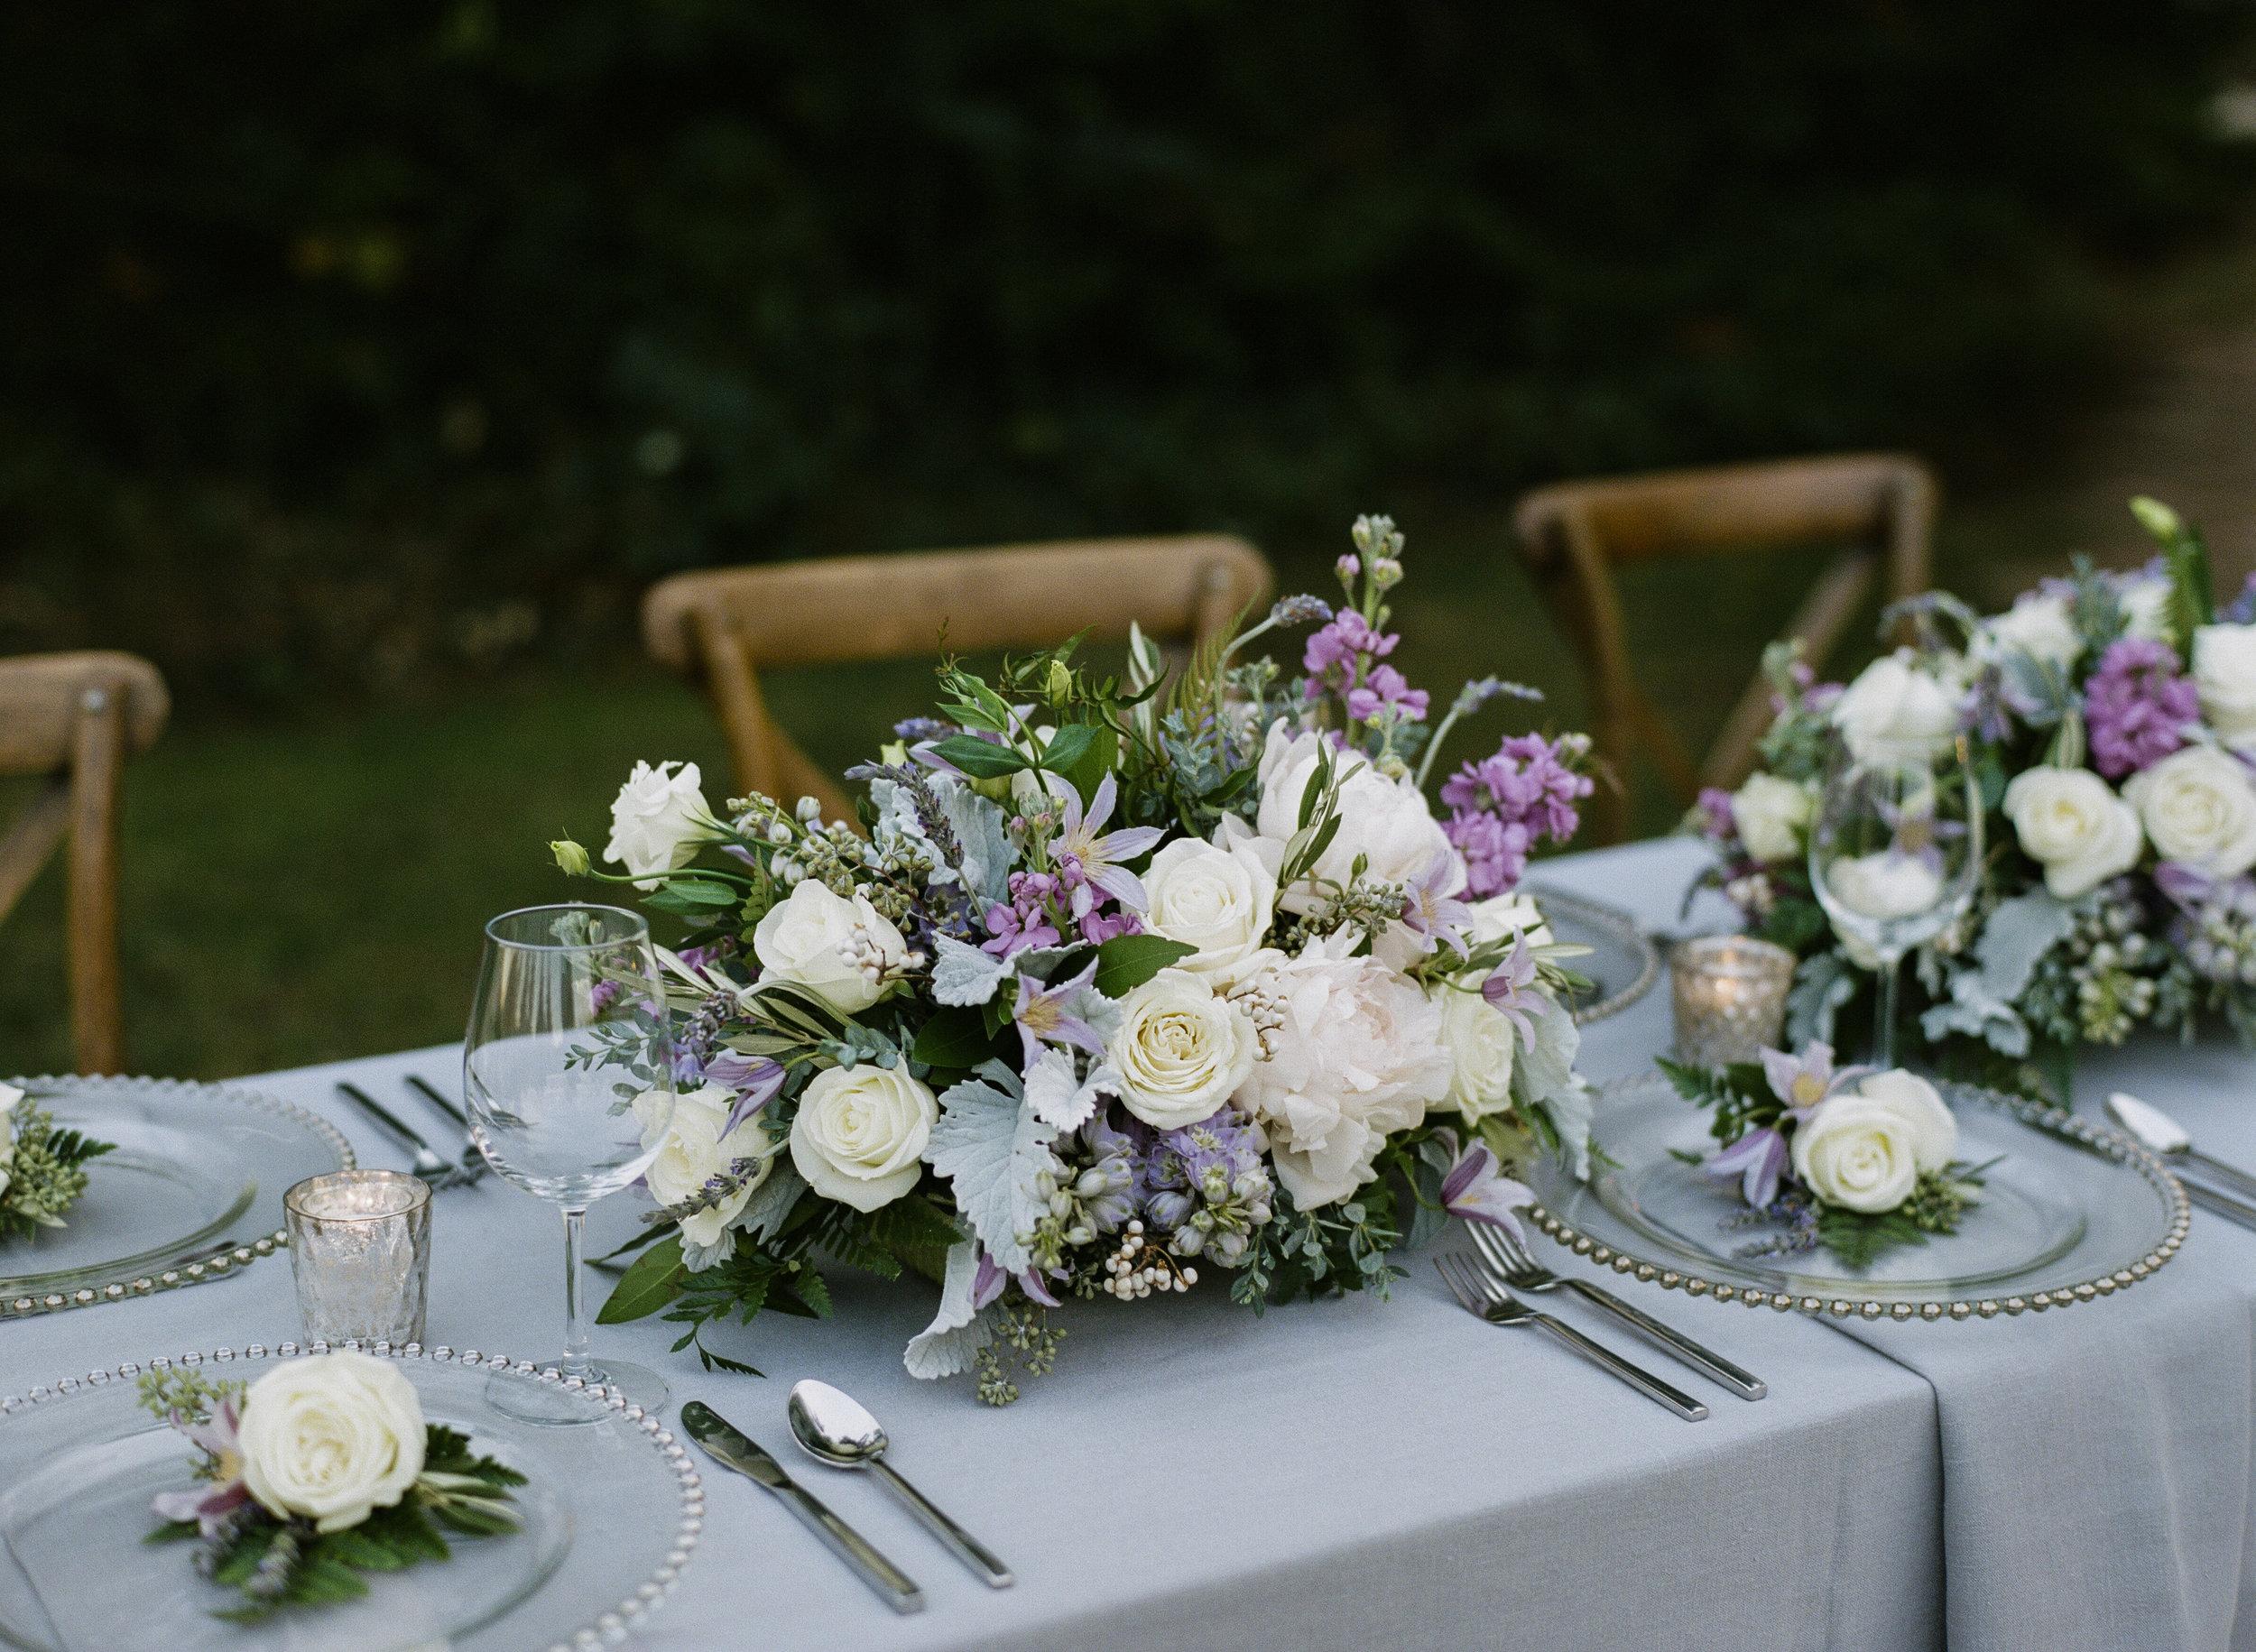 Violette-fleurs-roseville-sacramento-california-Flower-farm-inn-wedding-florist-spring-tablescape-purples-blushes-grays-ivories.jpg